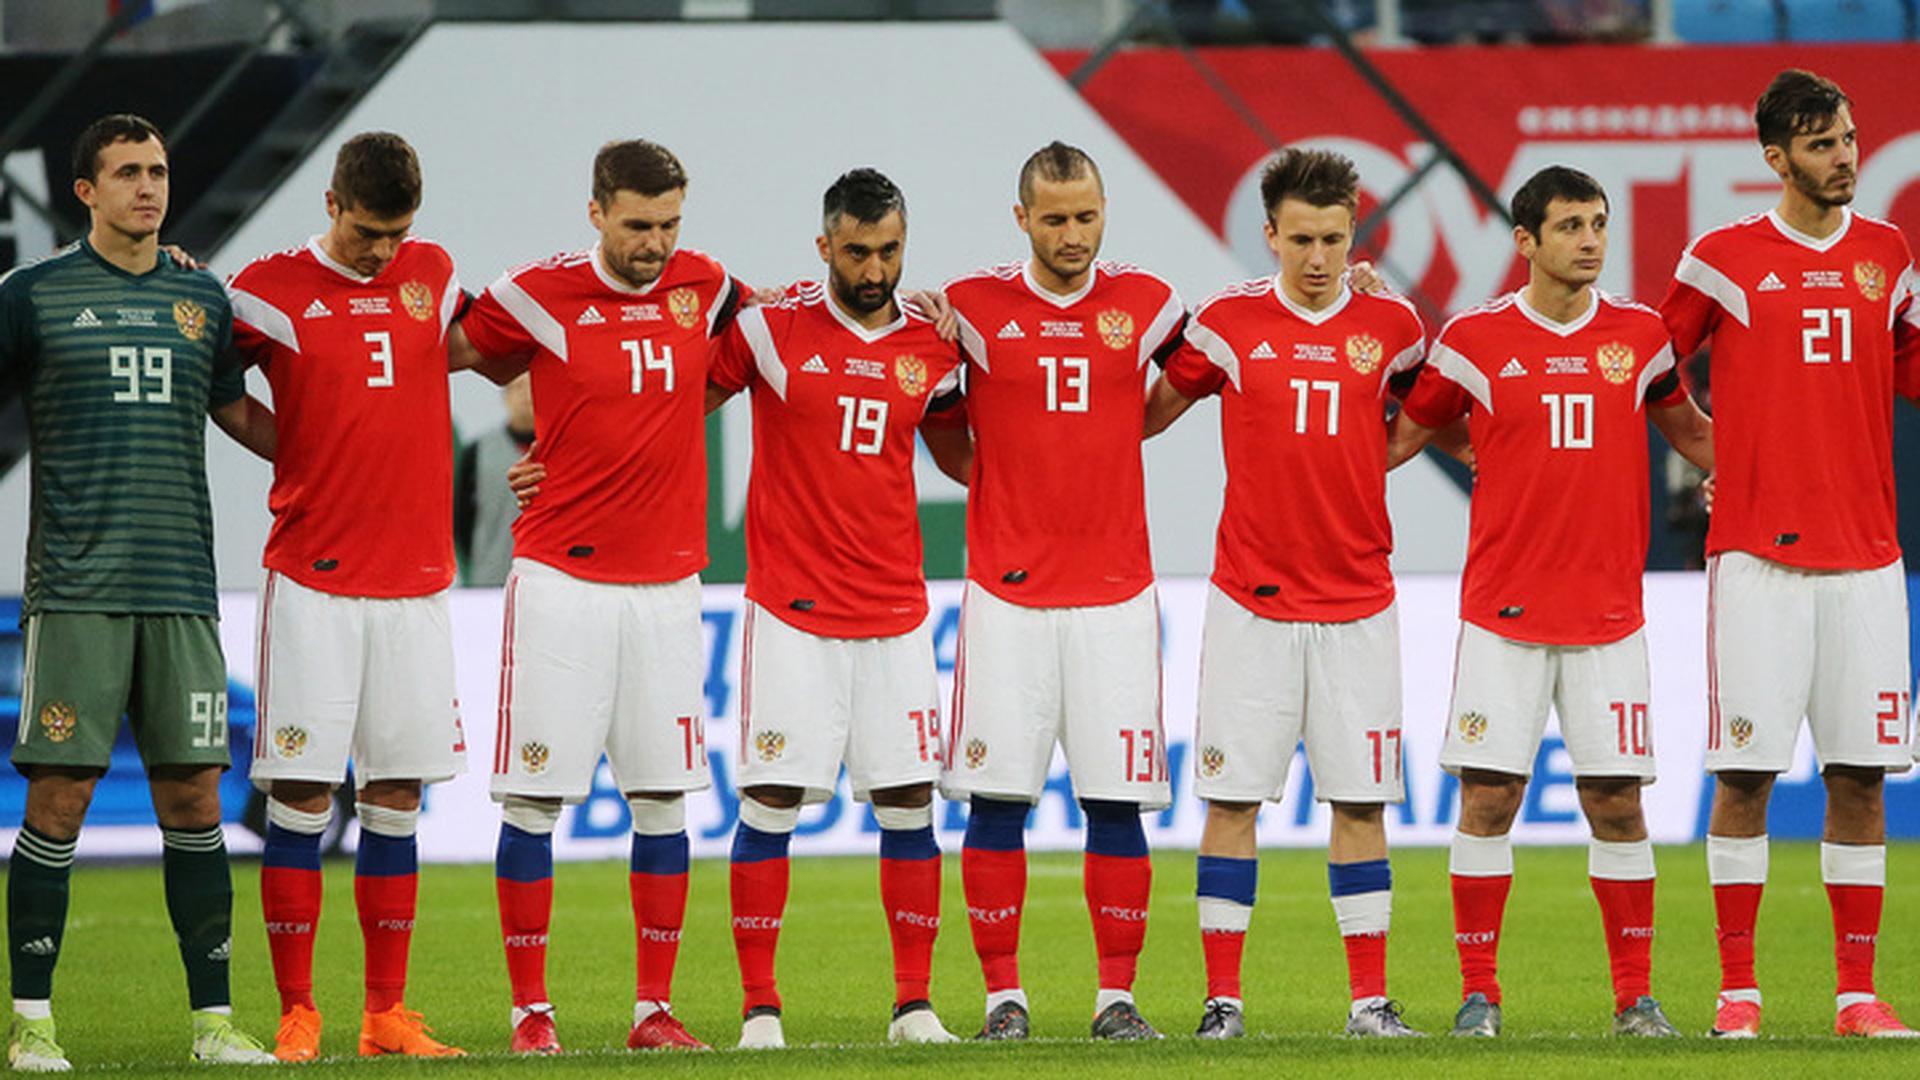 Сборная России в матче открытия чемпионата мира сыграет в красном